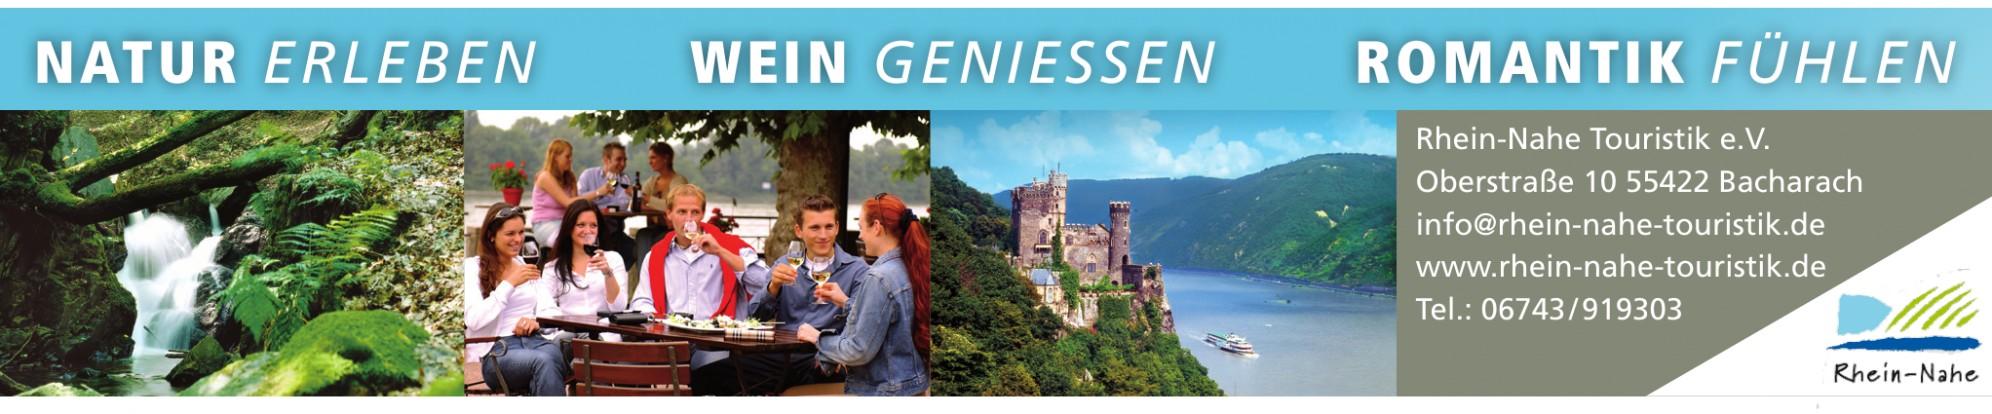 Rhein-Nahe Touristik e.V.